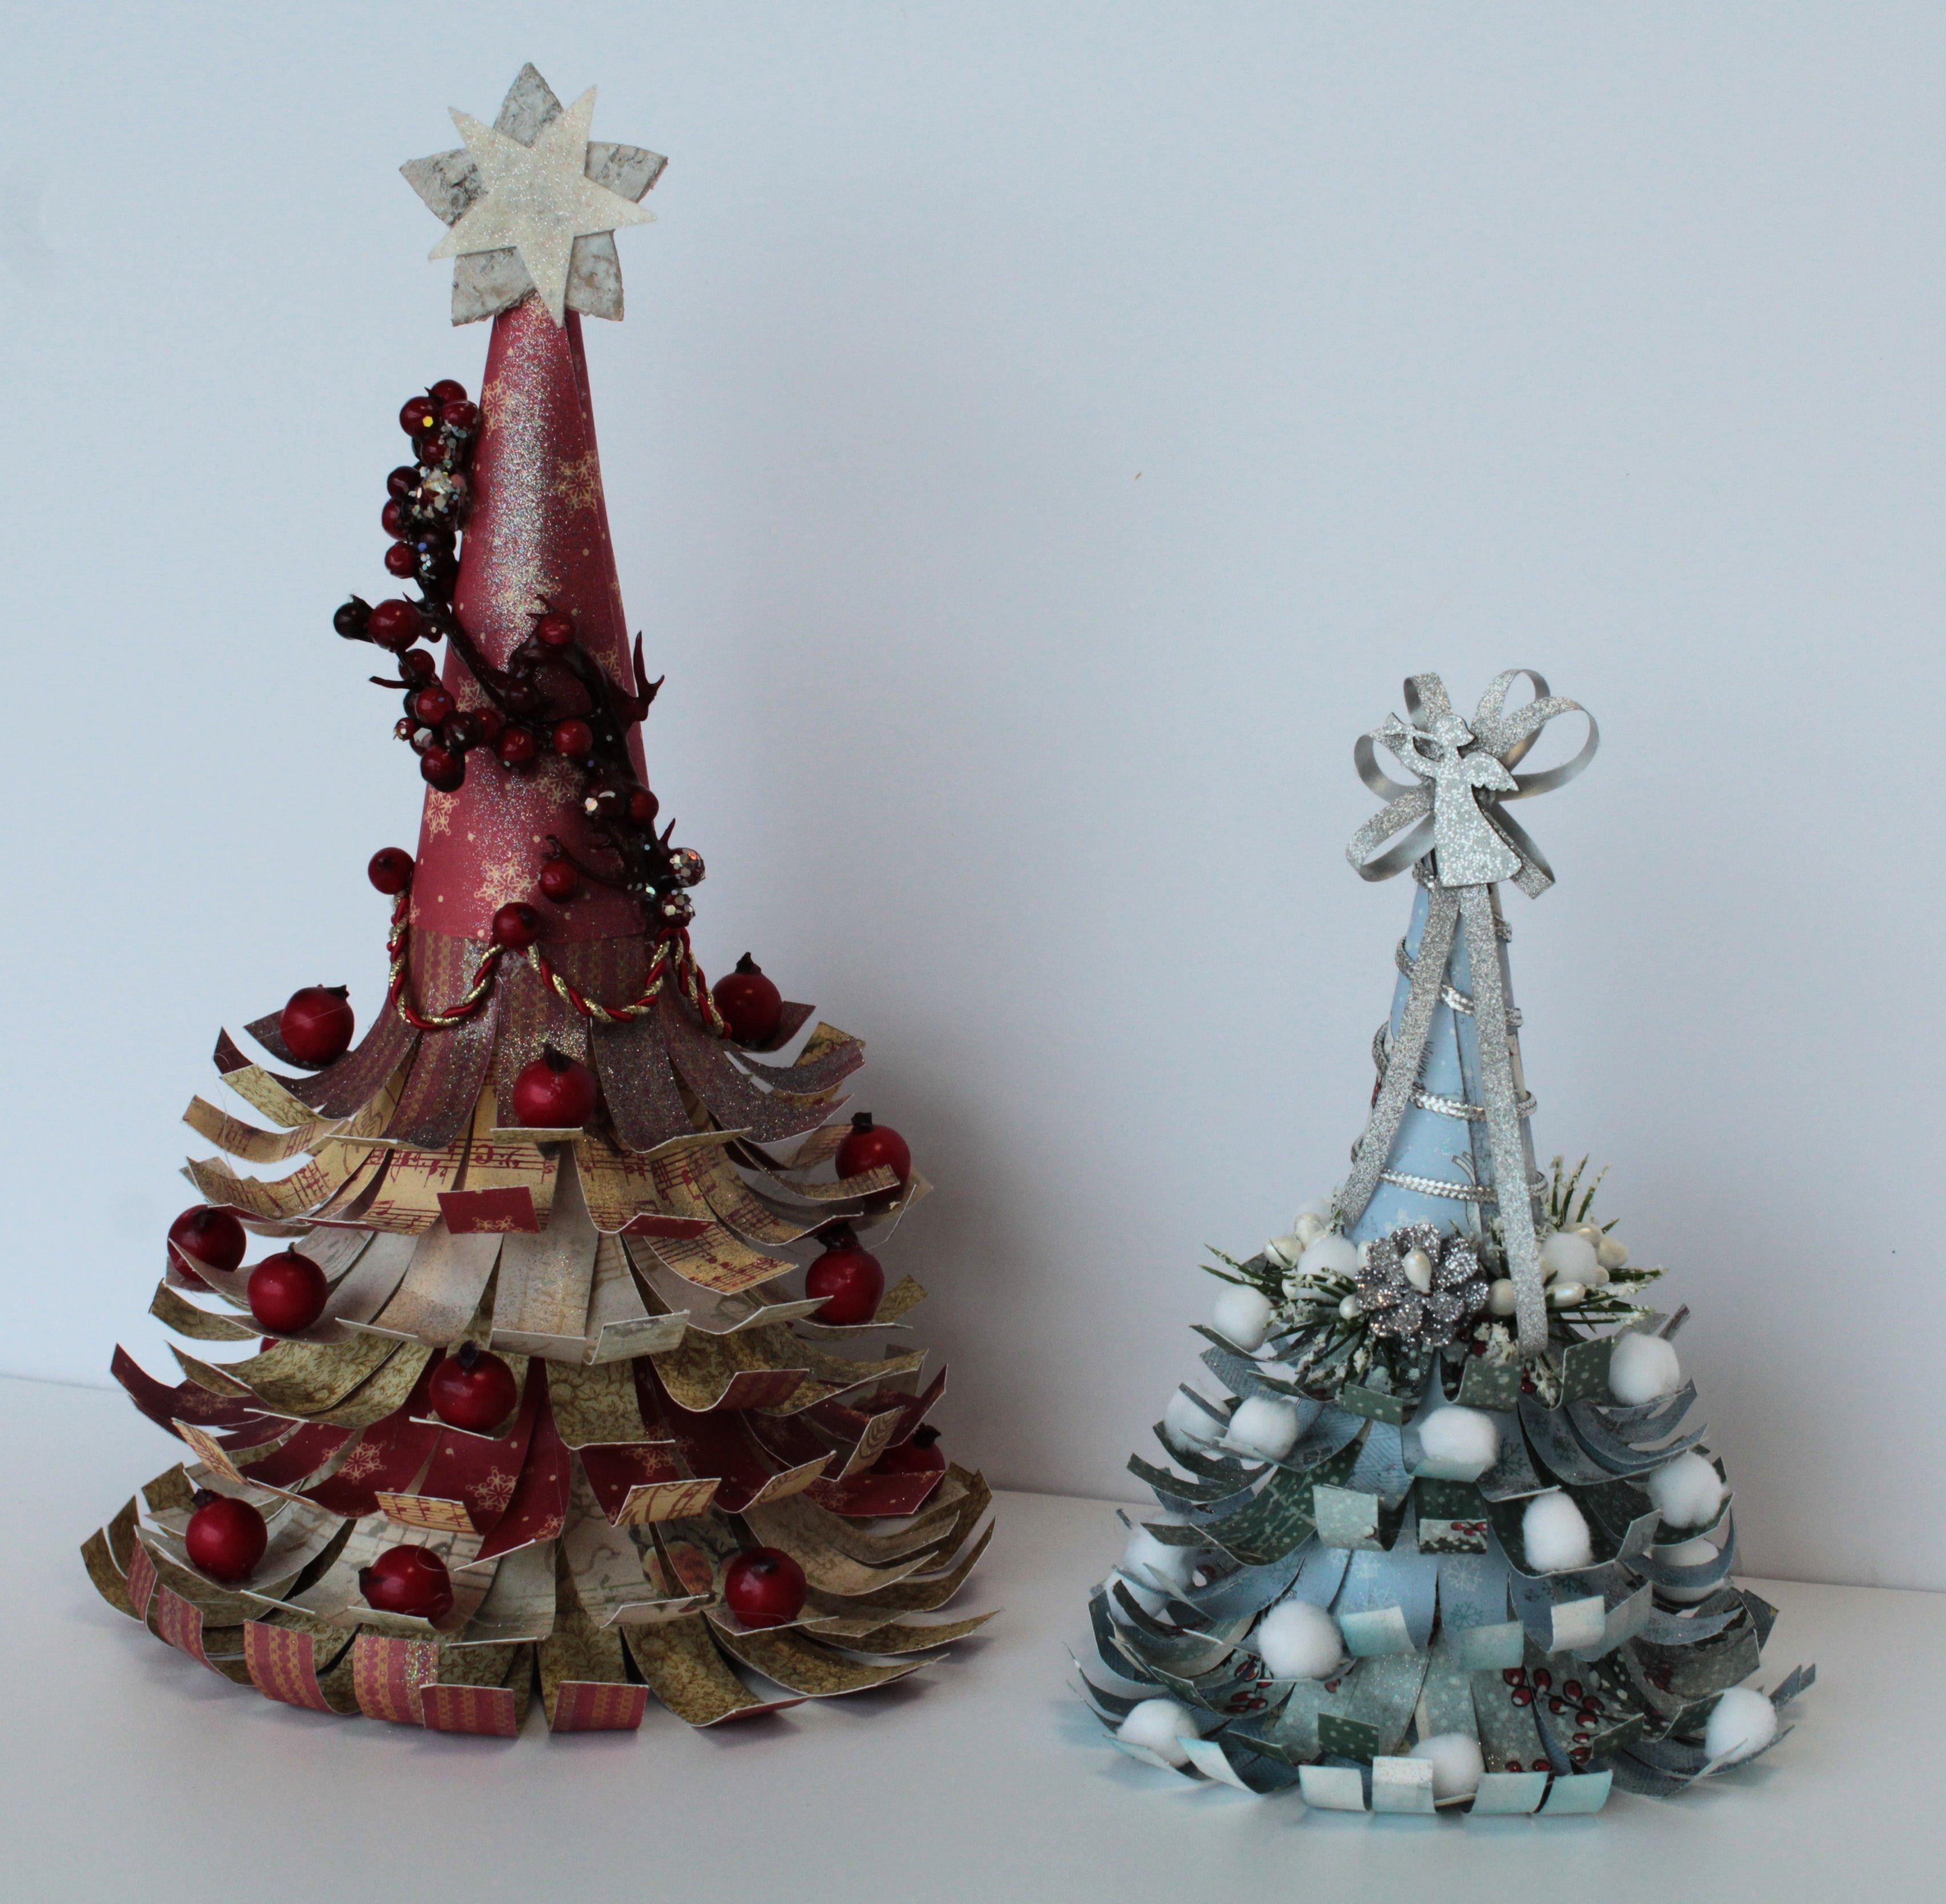 alberelli-decorazioni-natale-vintage-carta